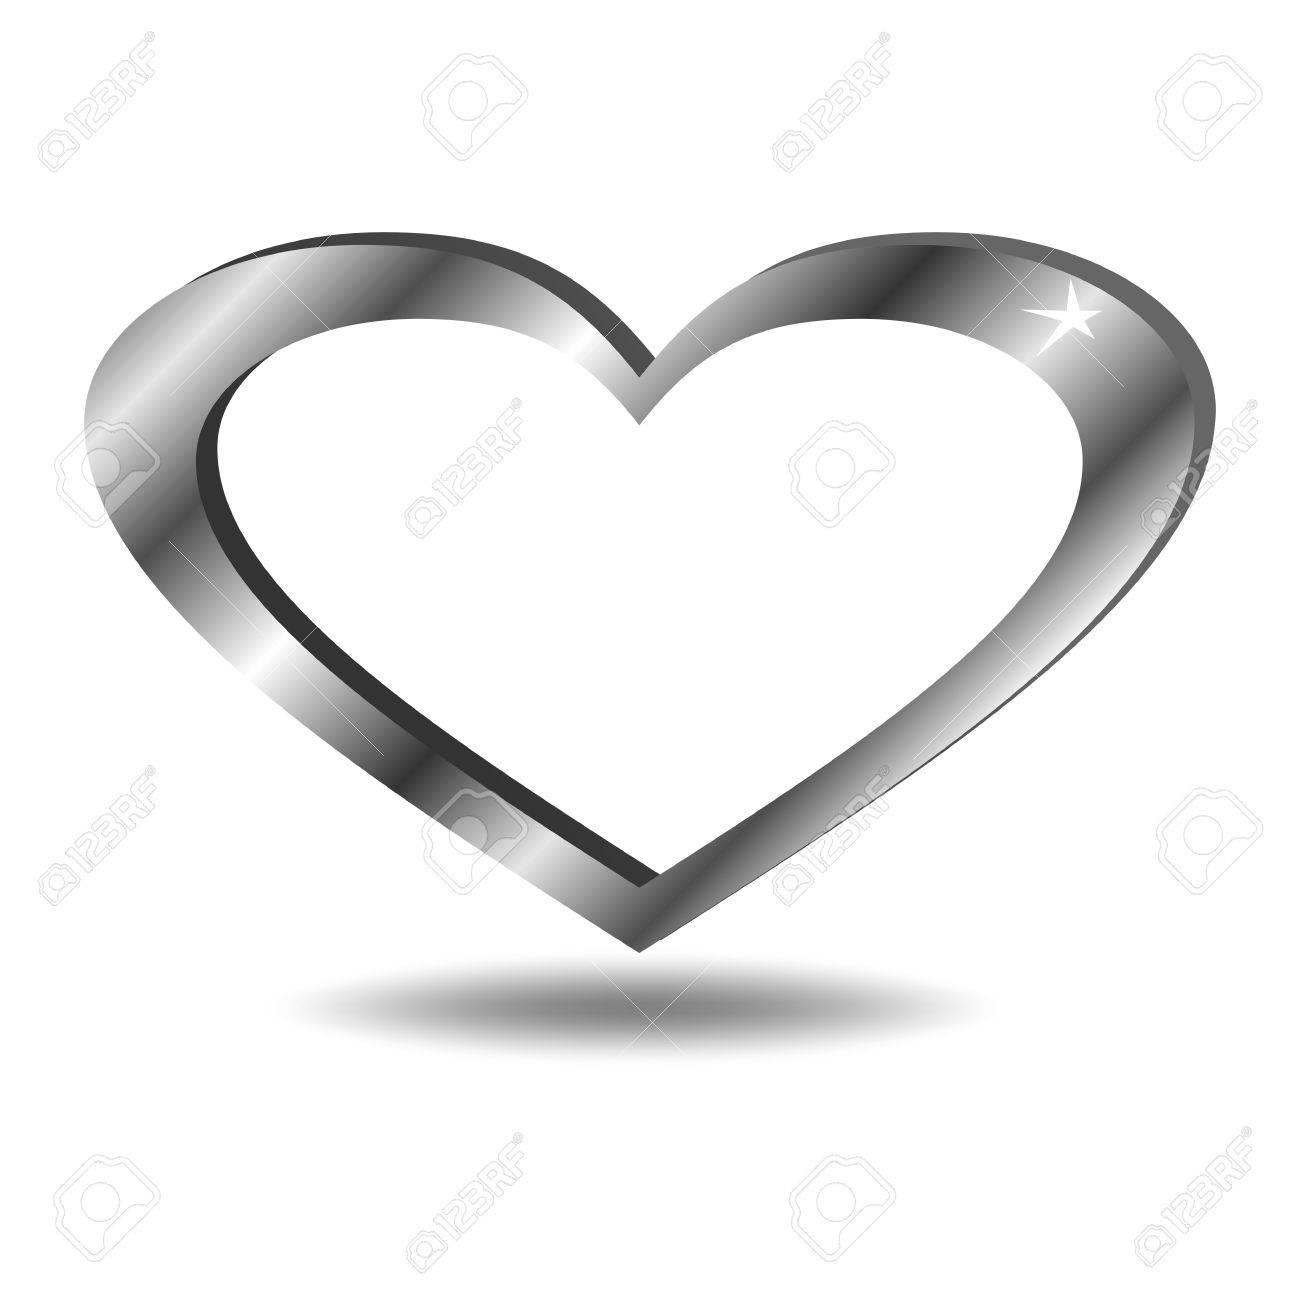 Metal heart Stock Vector - 12178611